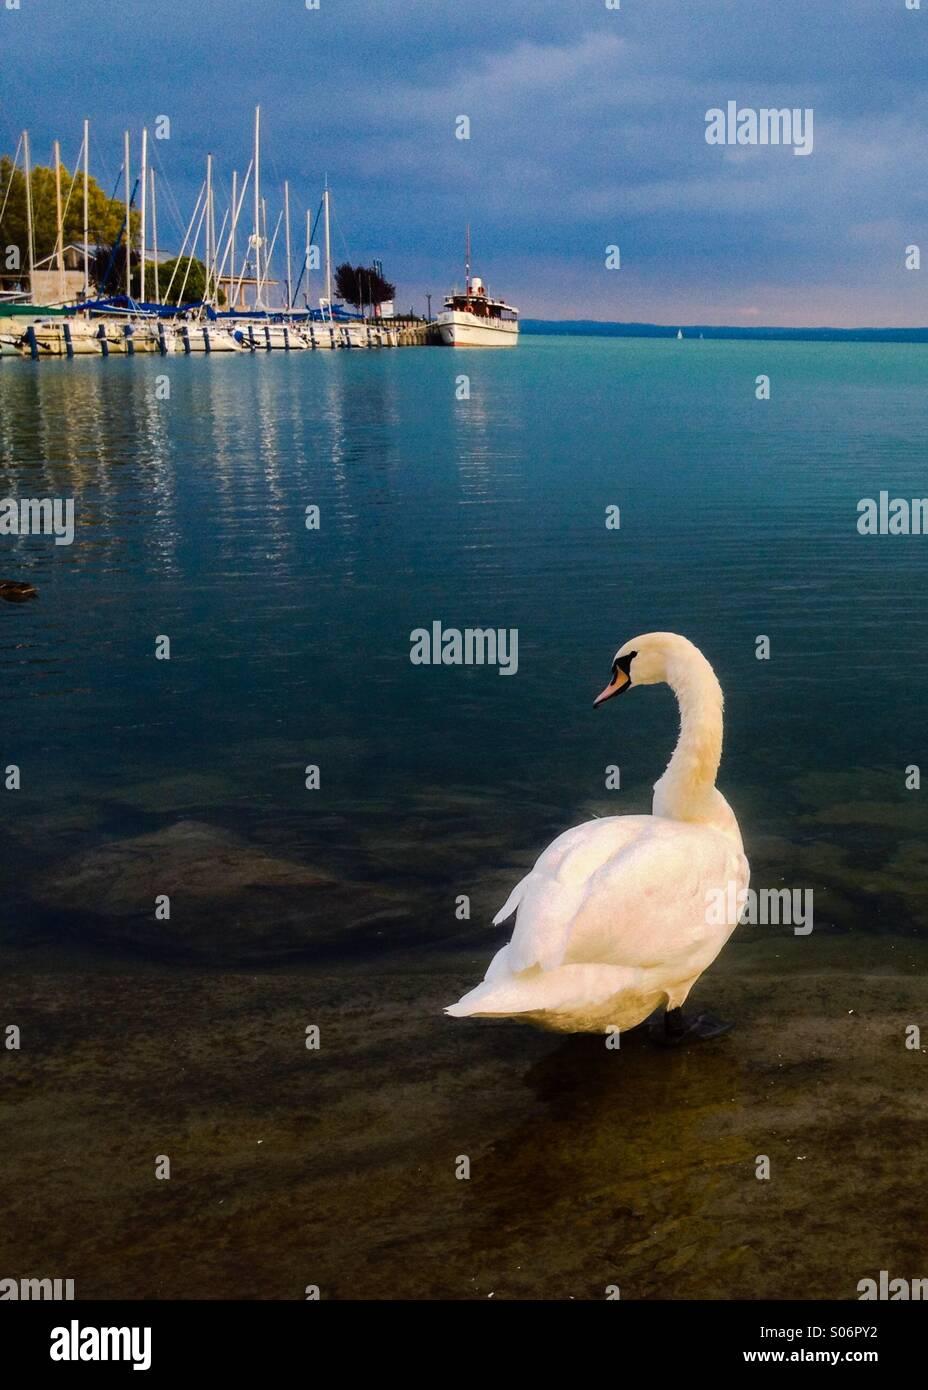 Cigno sul lago. Le acque turchesi di Ungheria Lago Balaton offre un incredibile sfondo a questo White Swan. Immagini Stock